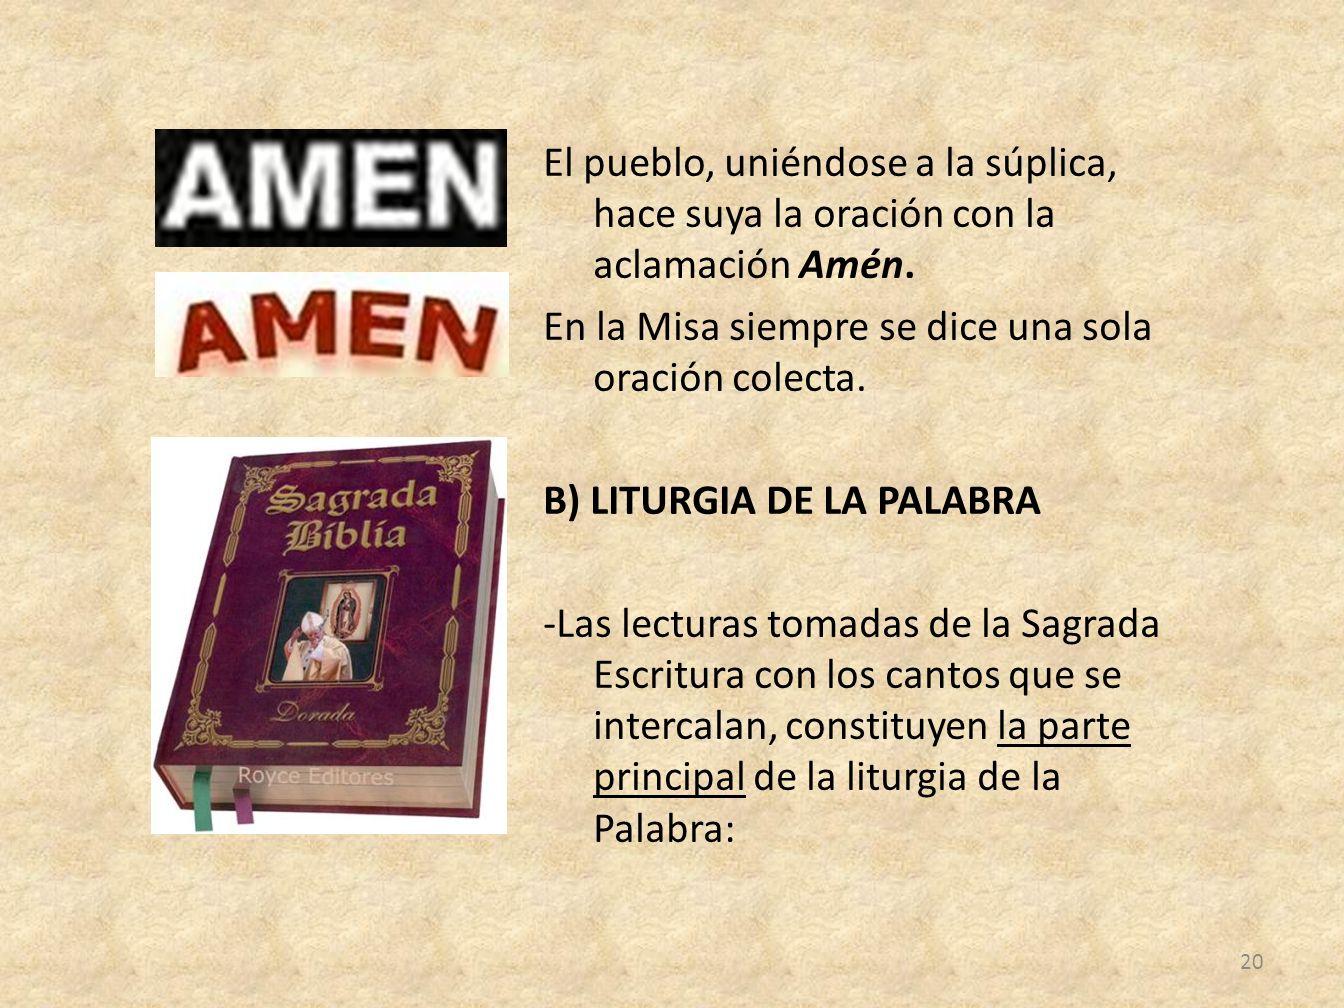 El pueblo, uniéndose a la súplica, hace suya la oración con la aclamación Amén.